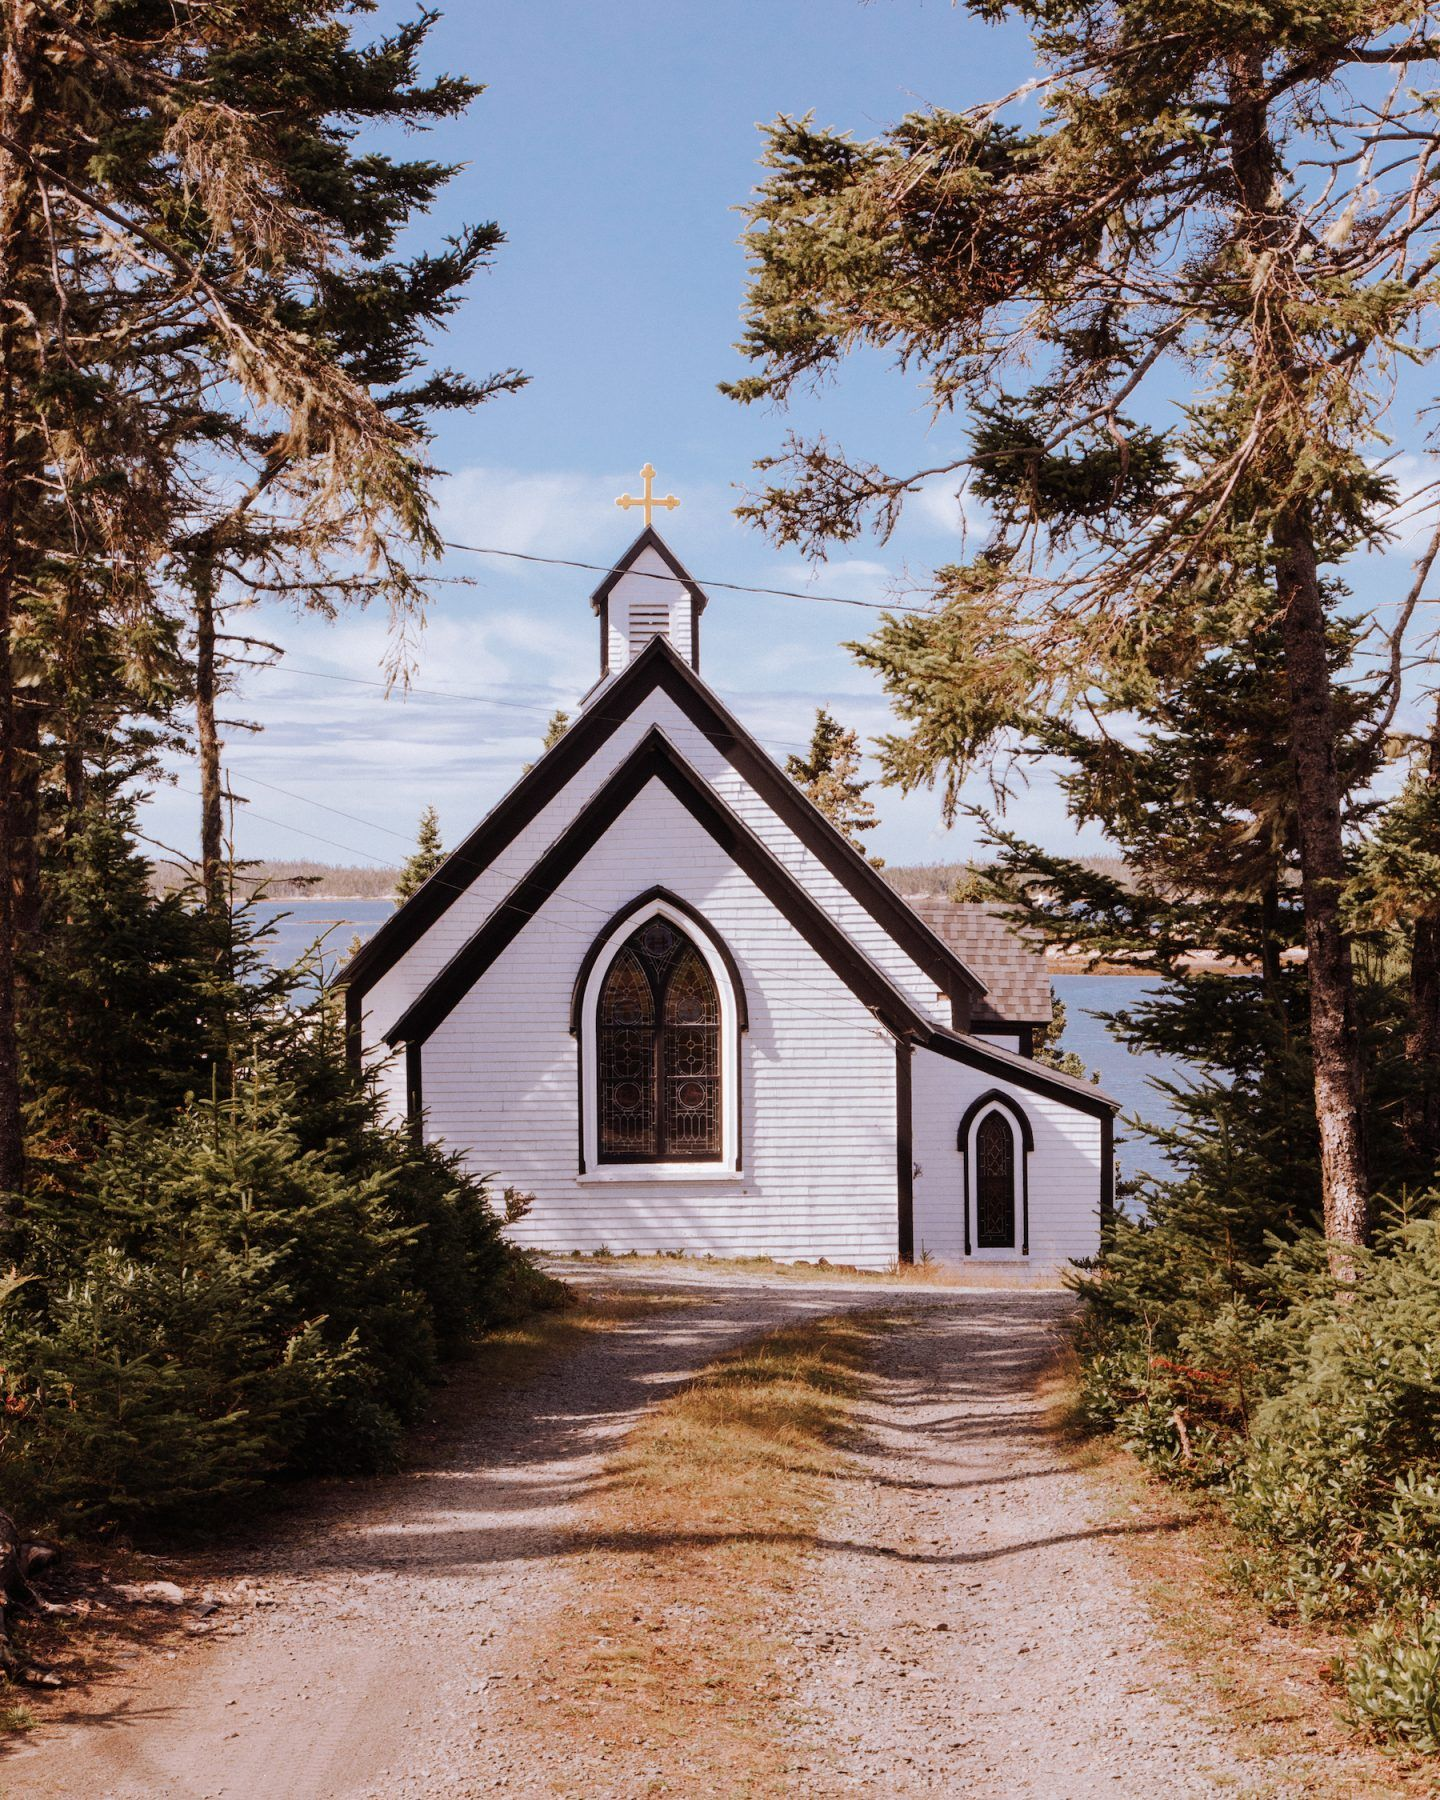 IGNANT-Photography-Landon-Speers-Nova-Scotia-021